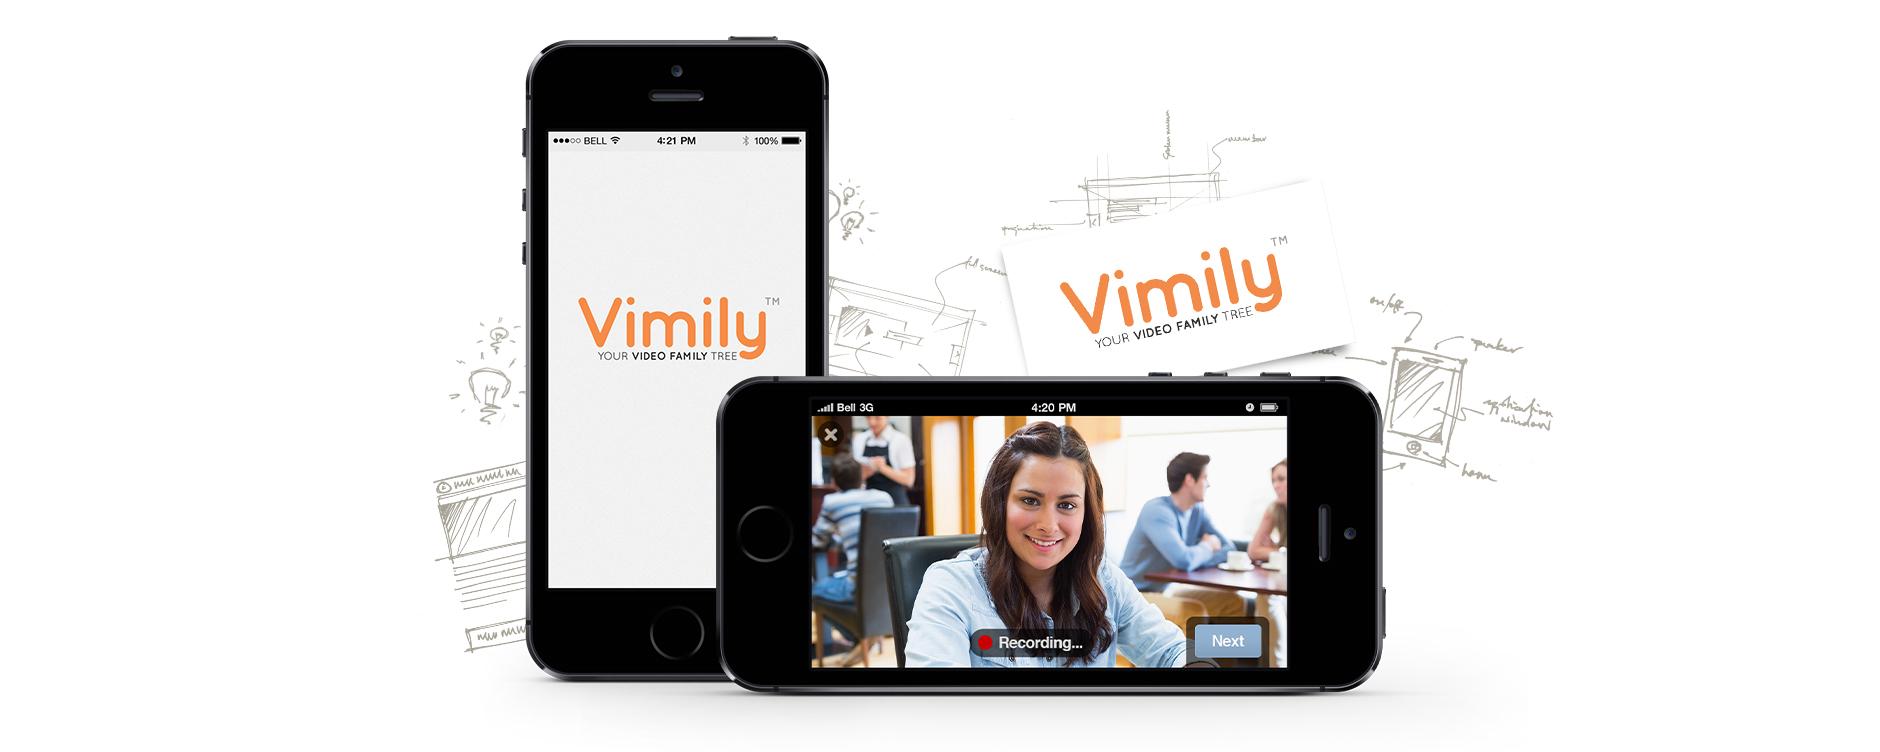 Vimily-20130822-v01-TC